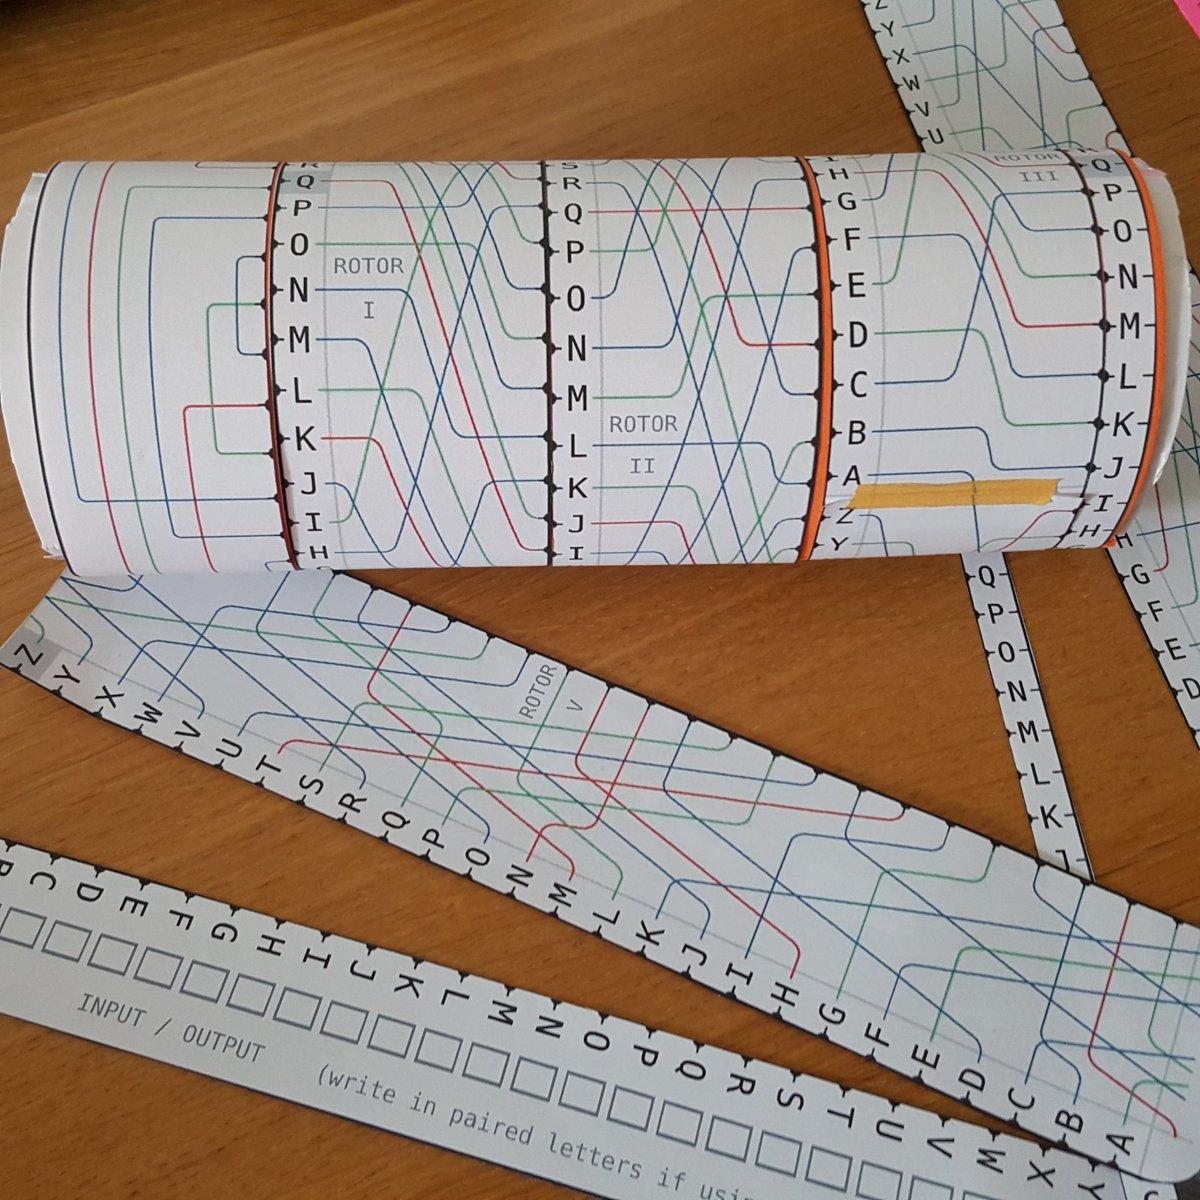 Une machine Enigma en version papier pour découvrir la #cryptographie avec vos #enfants.   http:// wiki.franklinheath.co.uk/index.php/Enig ma/Paper_Enigma &nbsp; …  (en anglais)<br>http://pic.twitter.com/URGsrn0roP